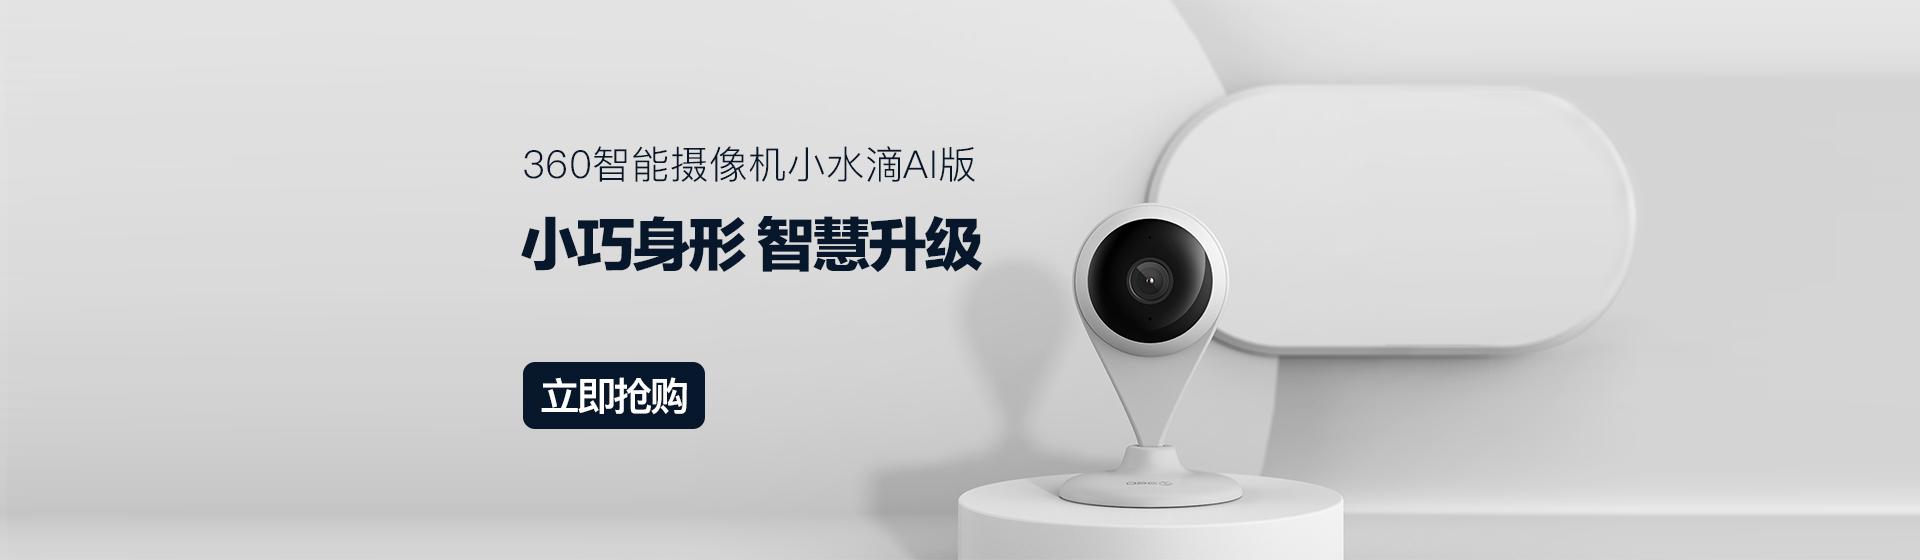 360 智能攝像機小水滴AI版 D903